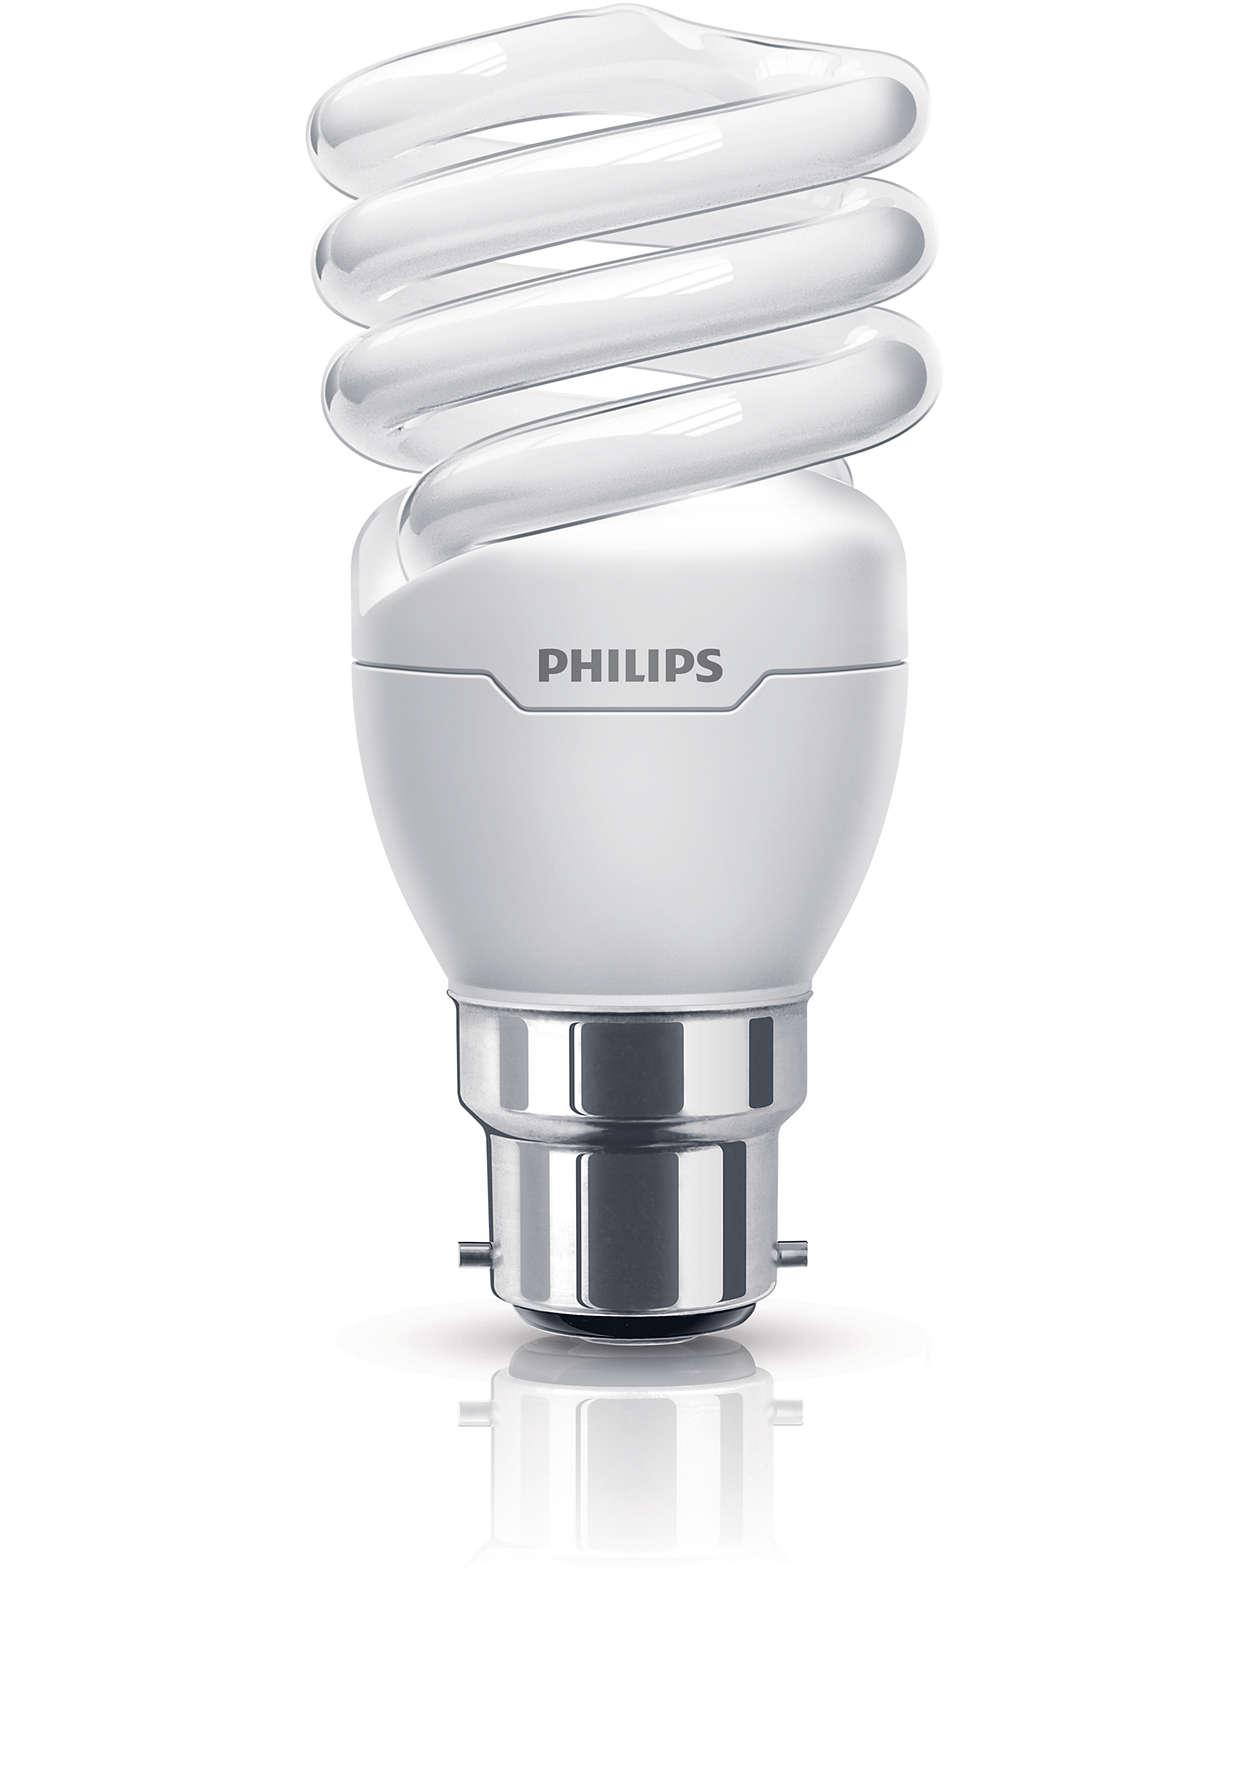 Tornado Spiral Energy Saving Bulb 8727900925807 Philips